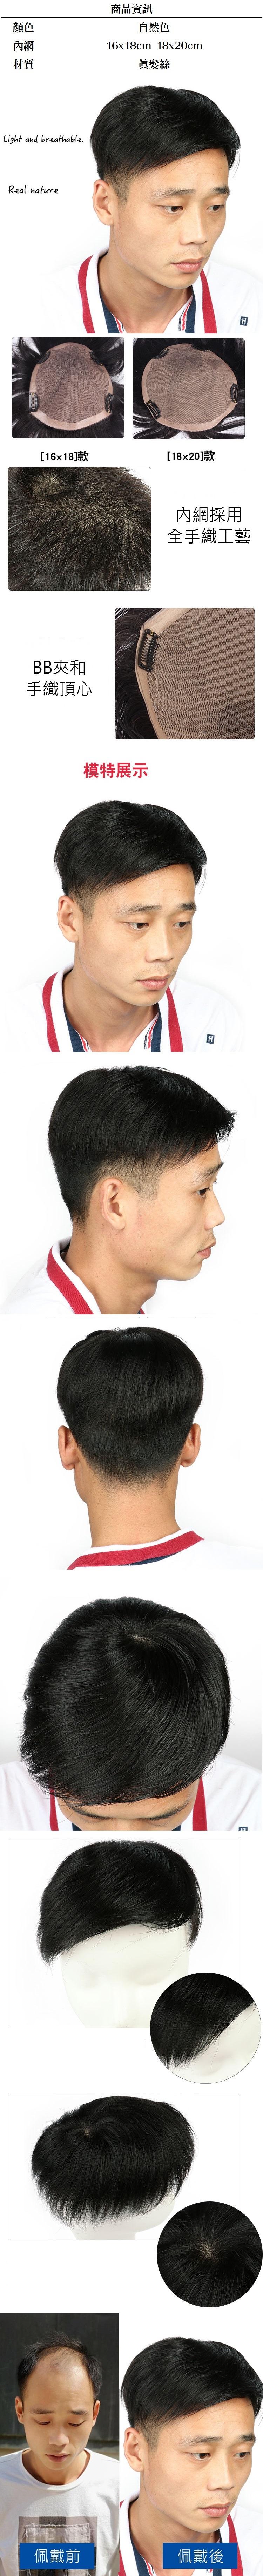 假髮片(真髮絲)-隱形無痕頭頂補髮女假髮